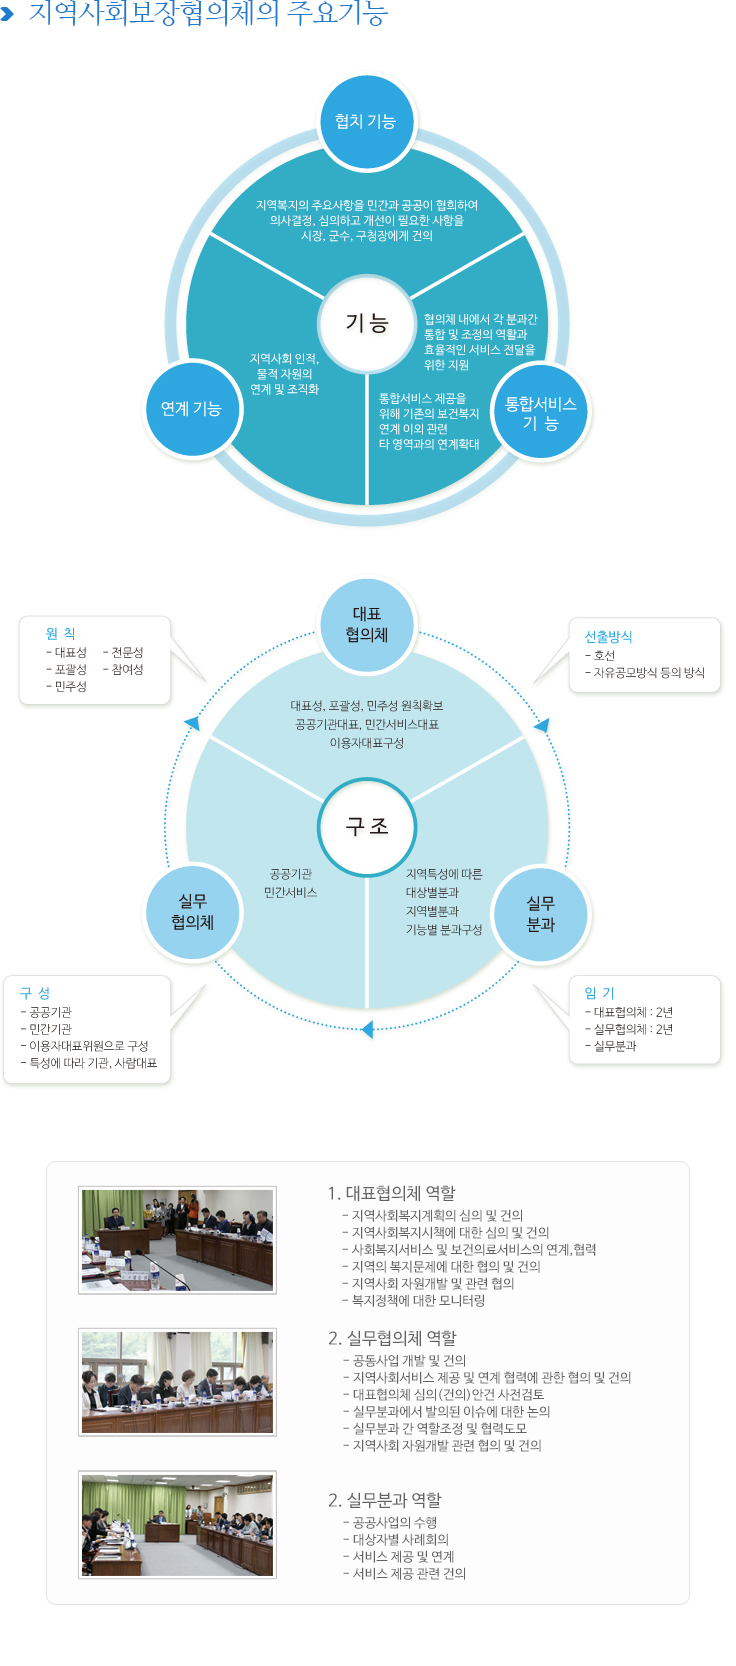 협의체소개-주요기능.jpg